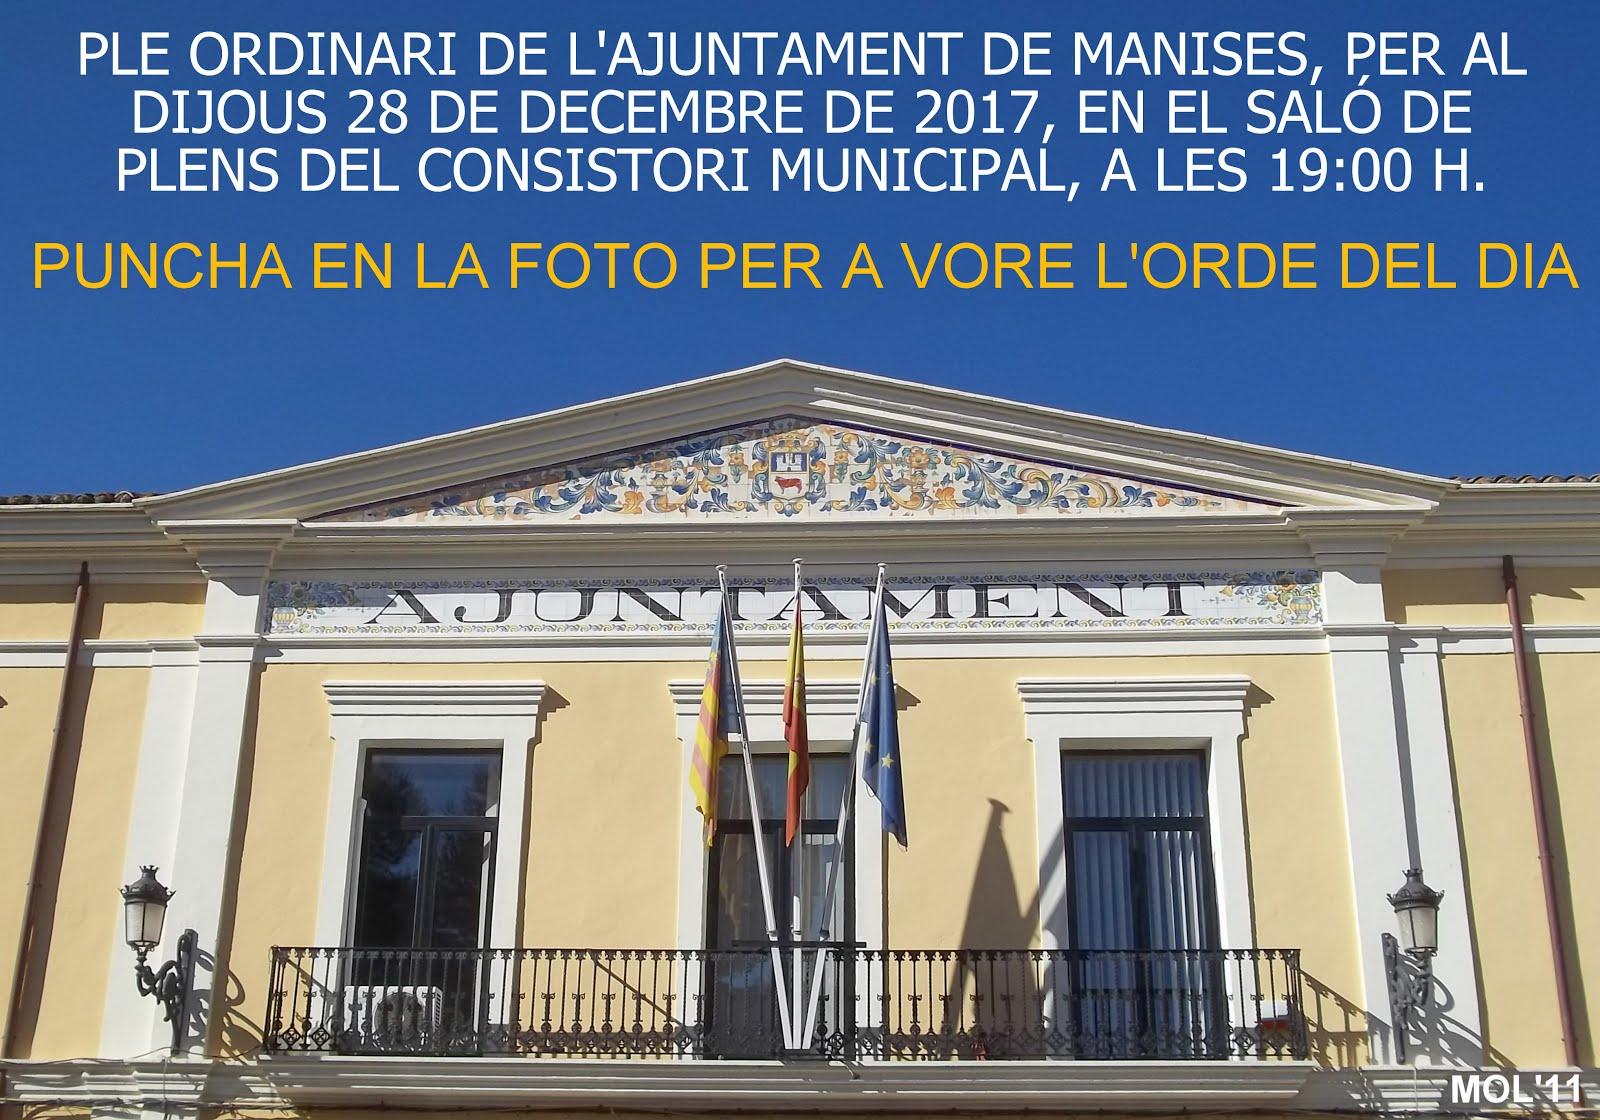 28.12.17 PLE ORDINARI DE L'AJUNTAMENT DE MANISES, DEL MES DE DECEMBRE DE 2017